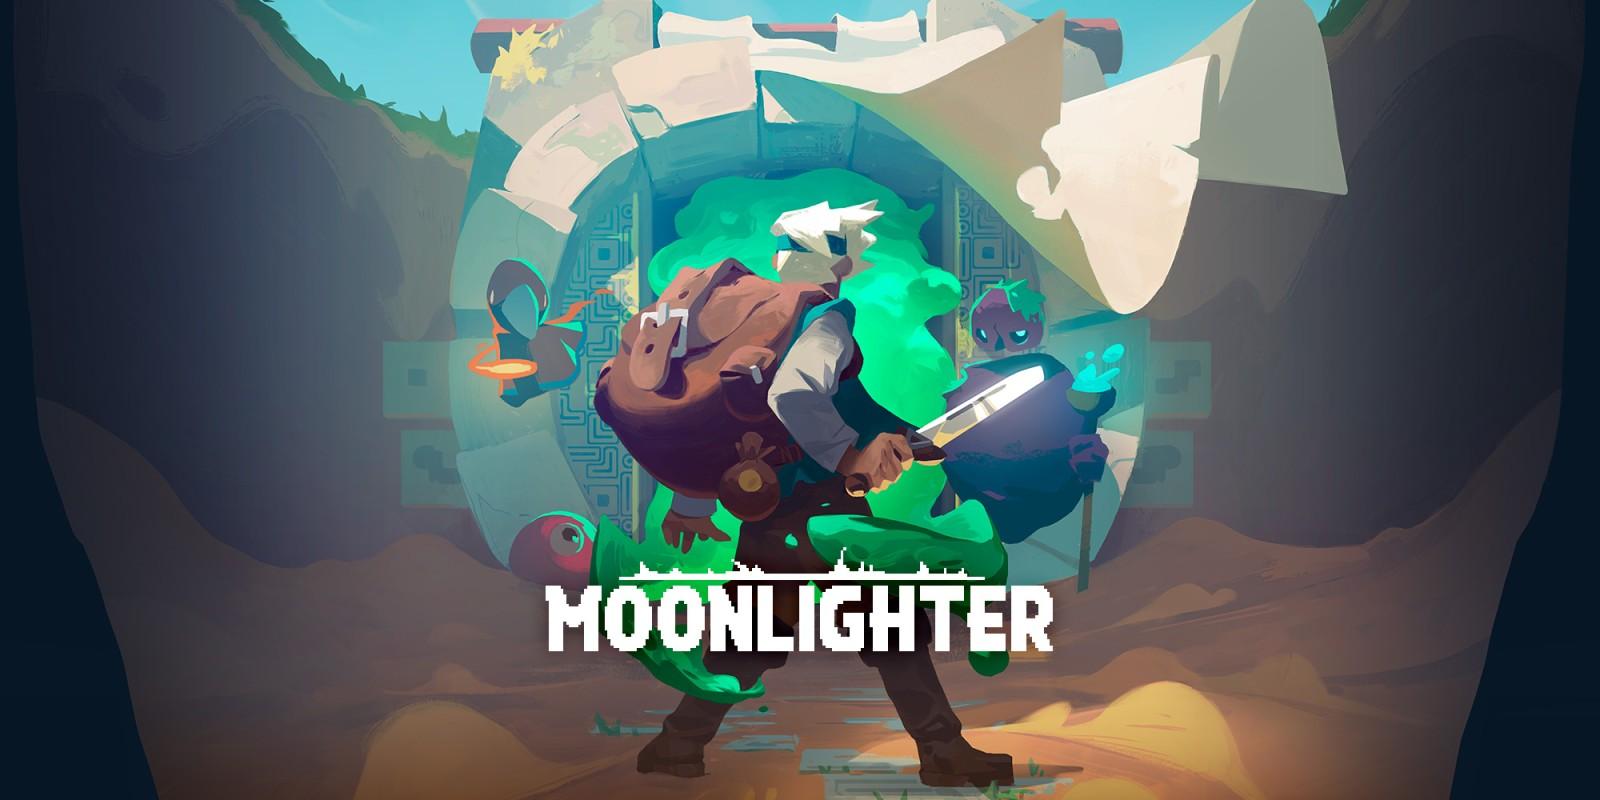 Moonlighter atinge a marca de 500 mil cópias vendidas entre todas as plataformas, 150 mil cópias foram no Switch; DLC Between Dimensions é anunciada